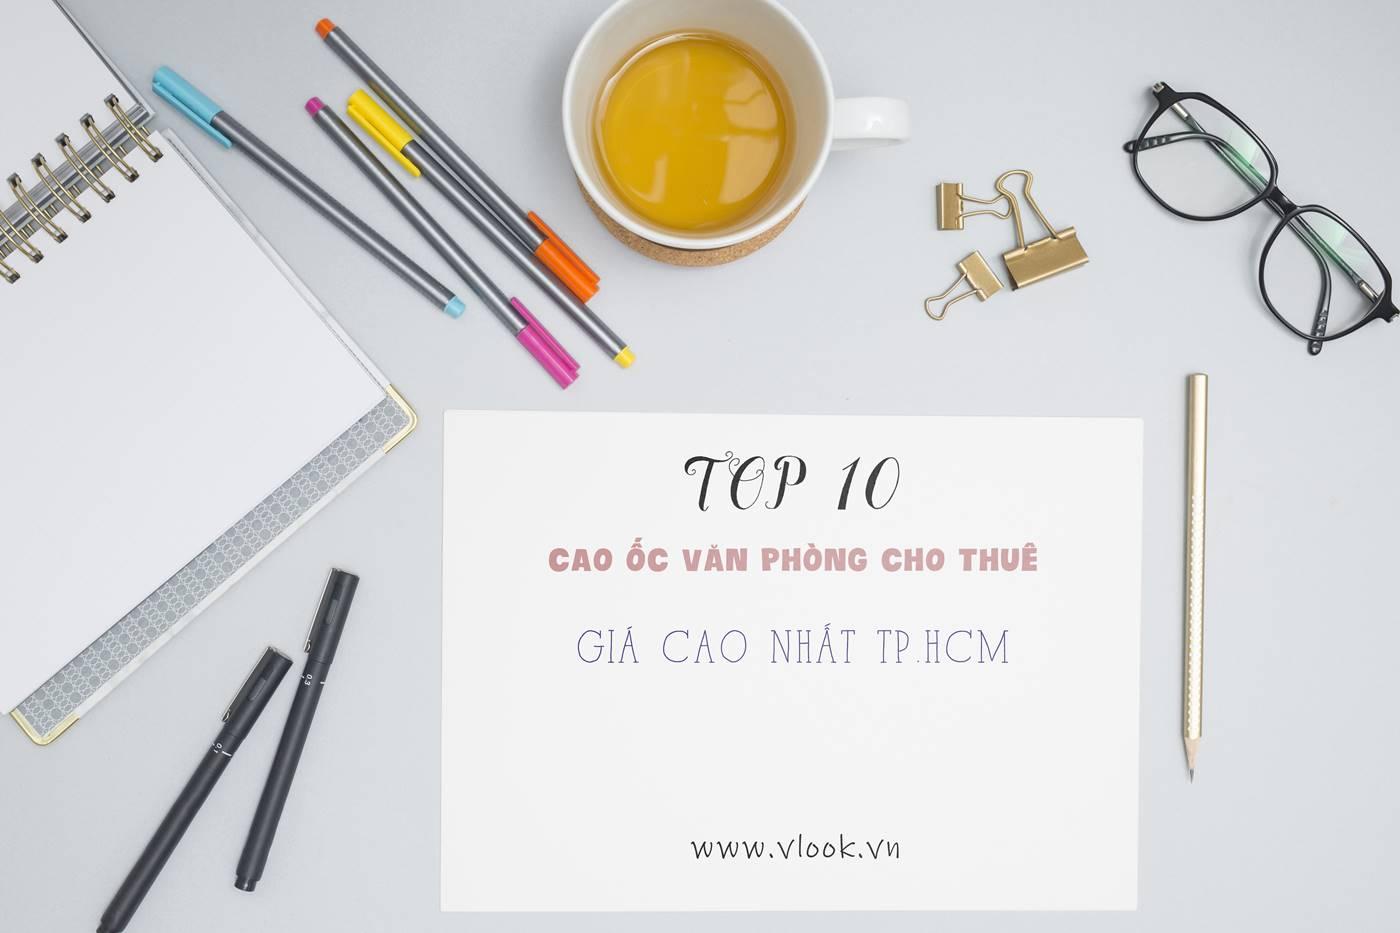 Top 10 cao ốc văn phòng cho thuê giá cao nhất TP.HCM (cập nhật 2021)